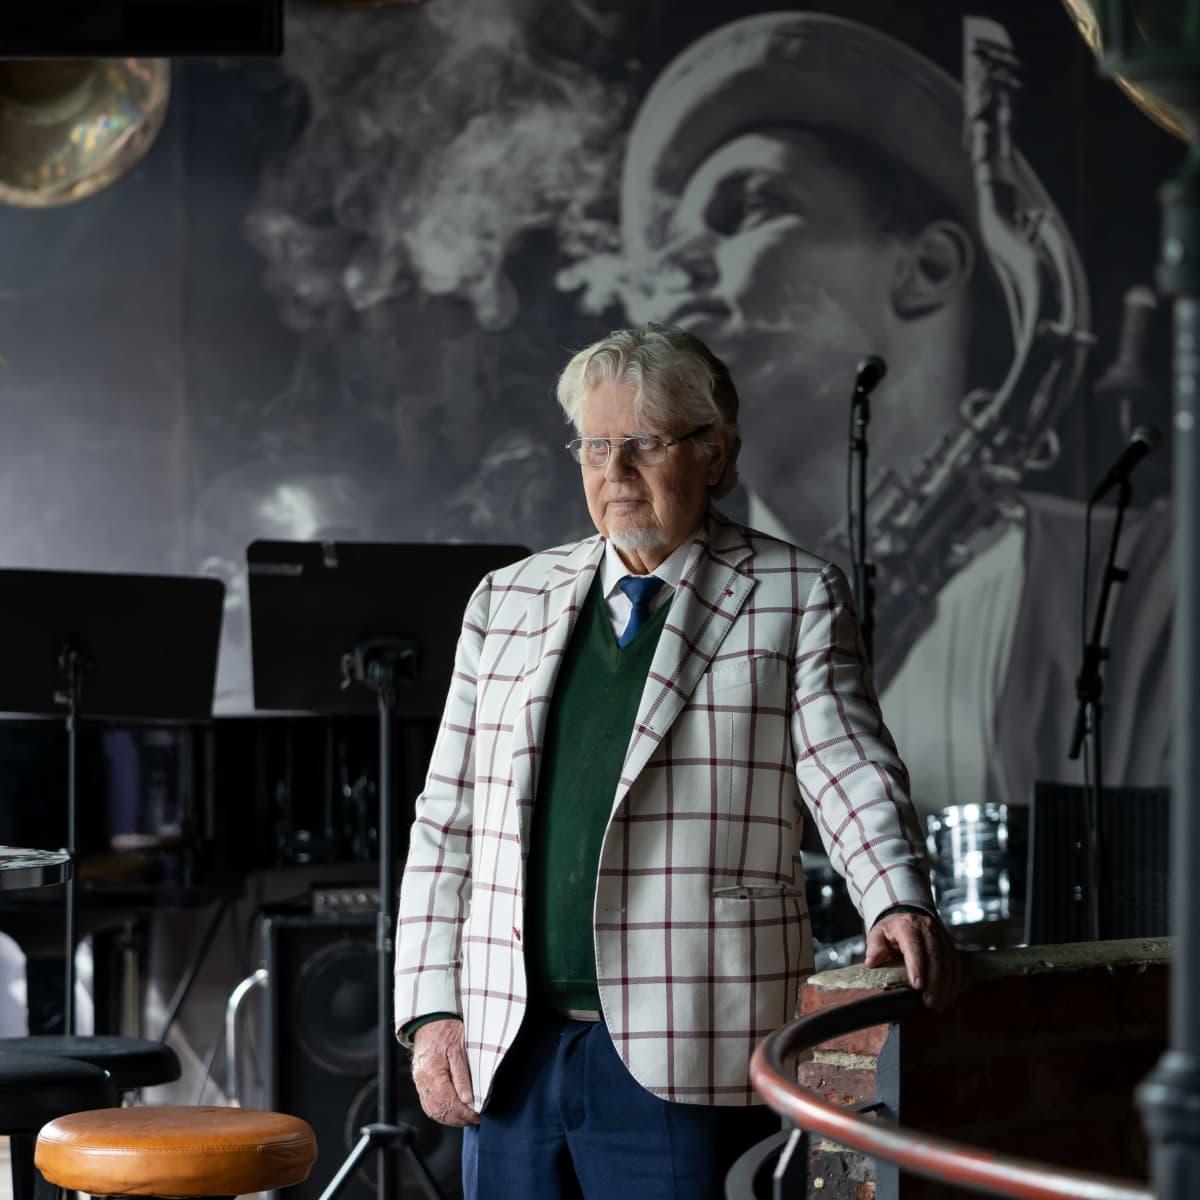 Ravintoloitsija Jorma Railonkoski